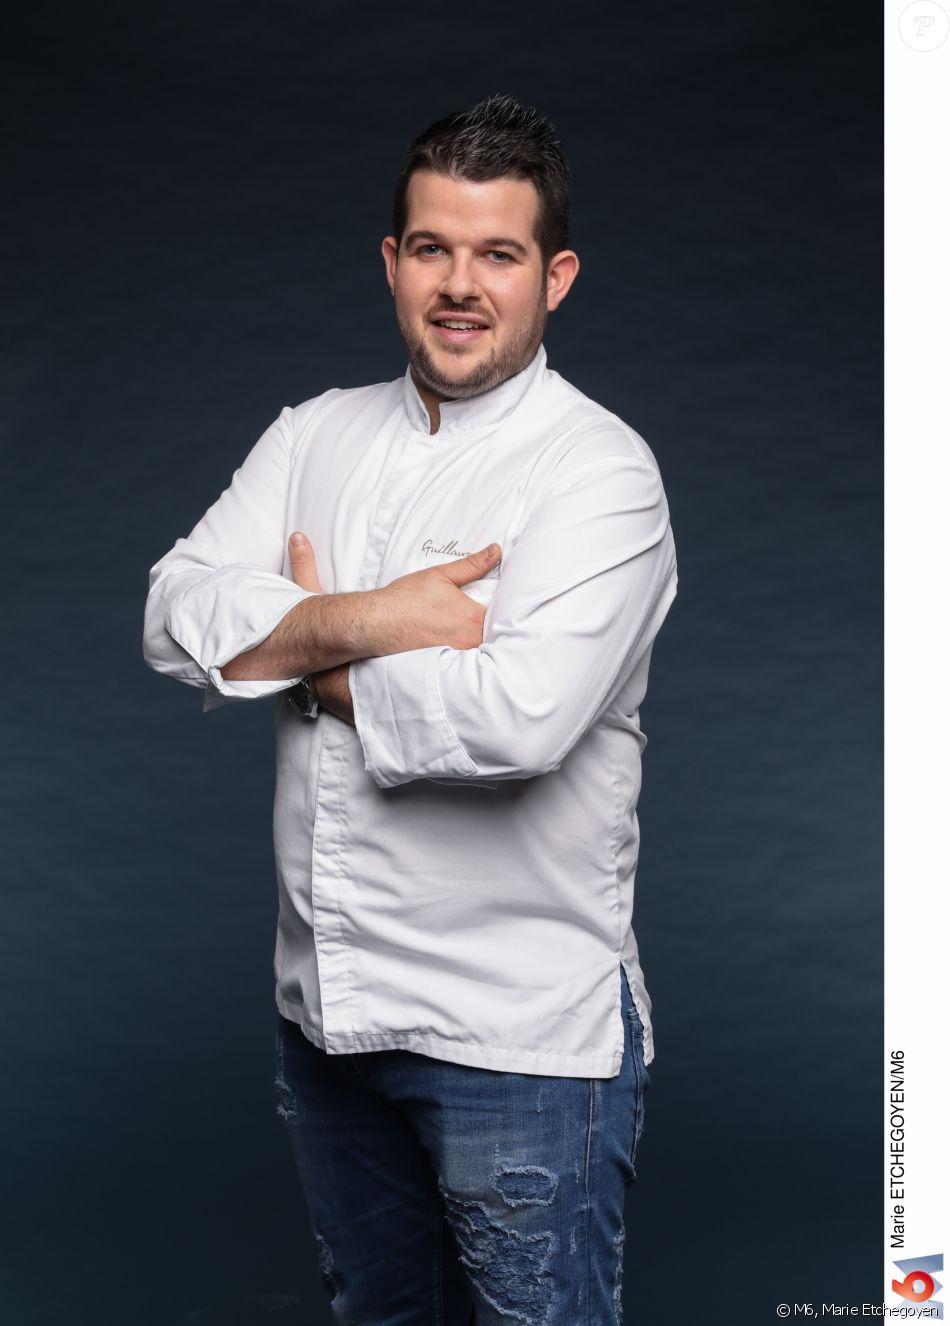 """ésultat de recherche d'images pour """"candidats top chef 2019 guillaume"""""""